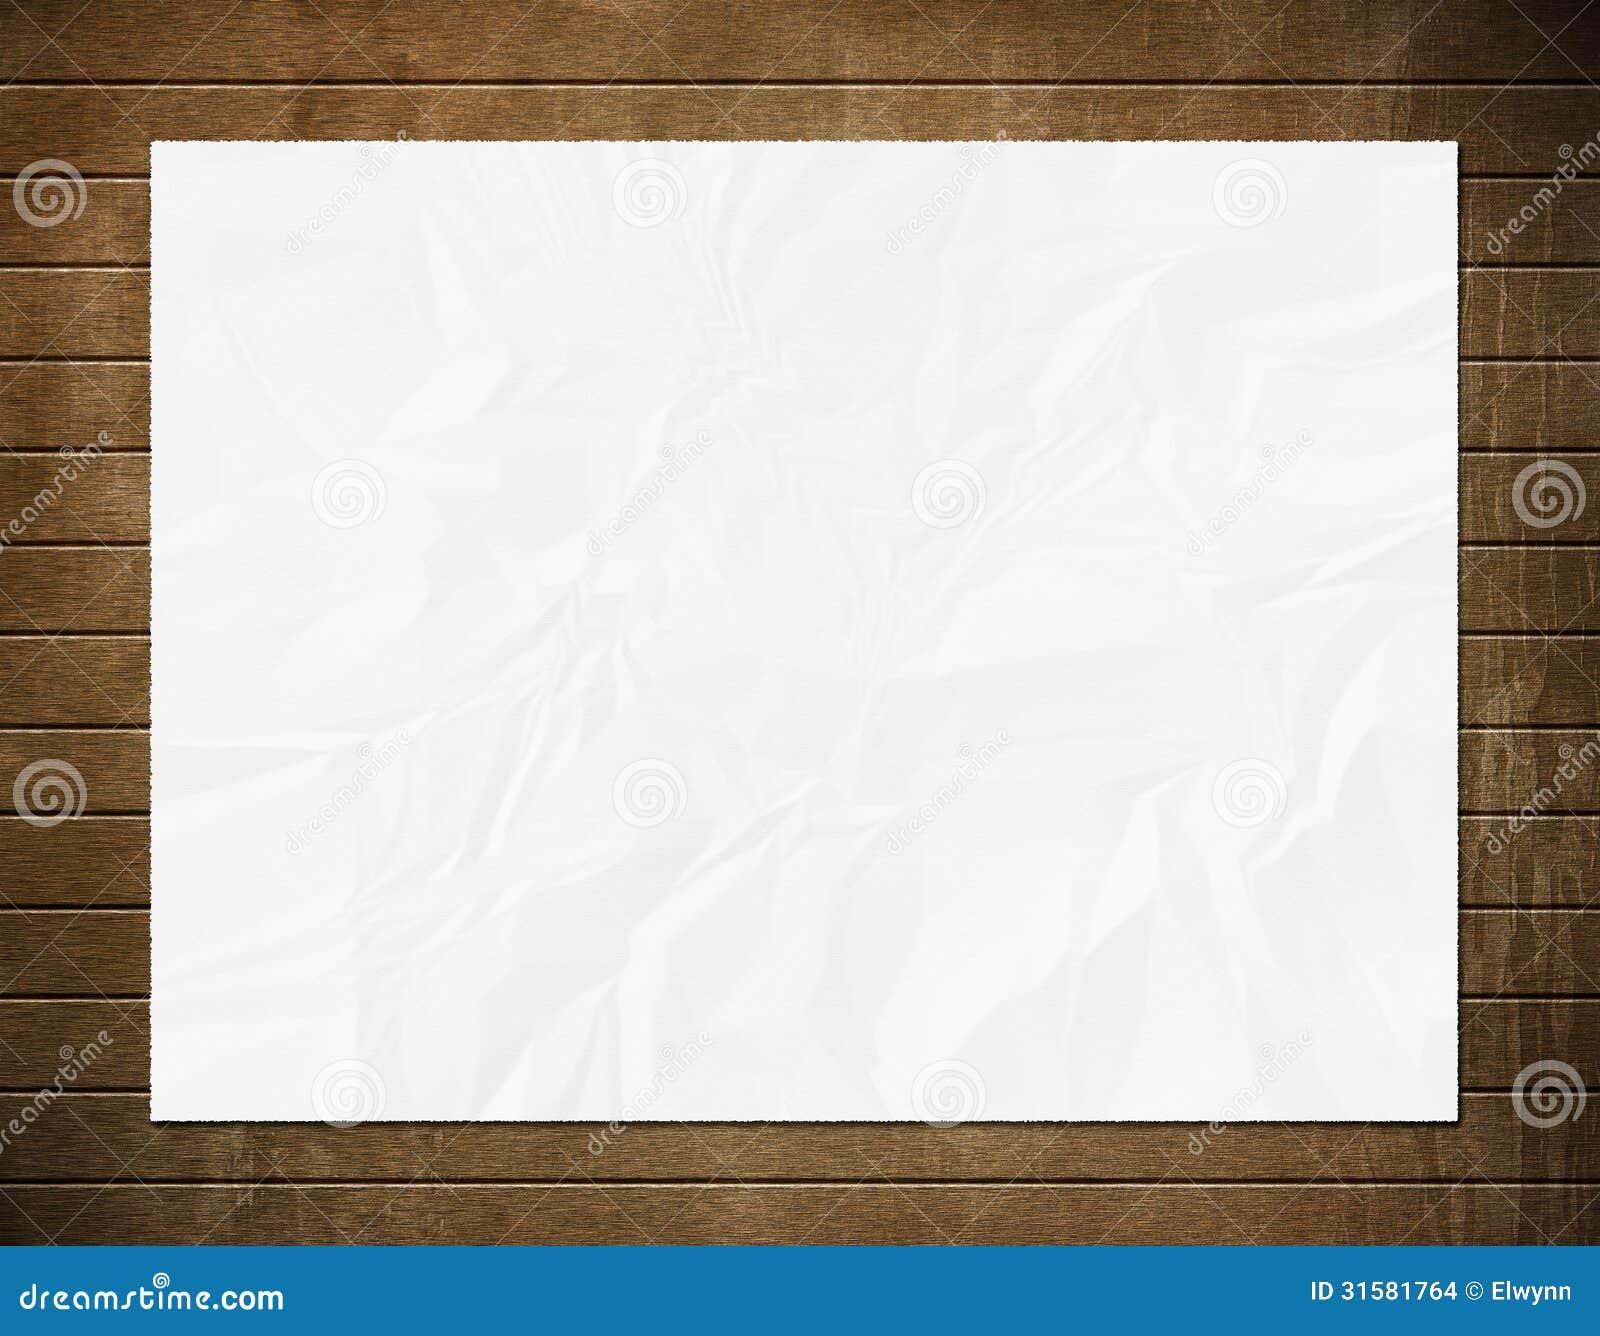 Программа чистый лист скачать скачать программу изменения формата картинки